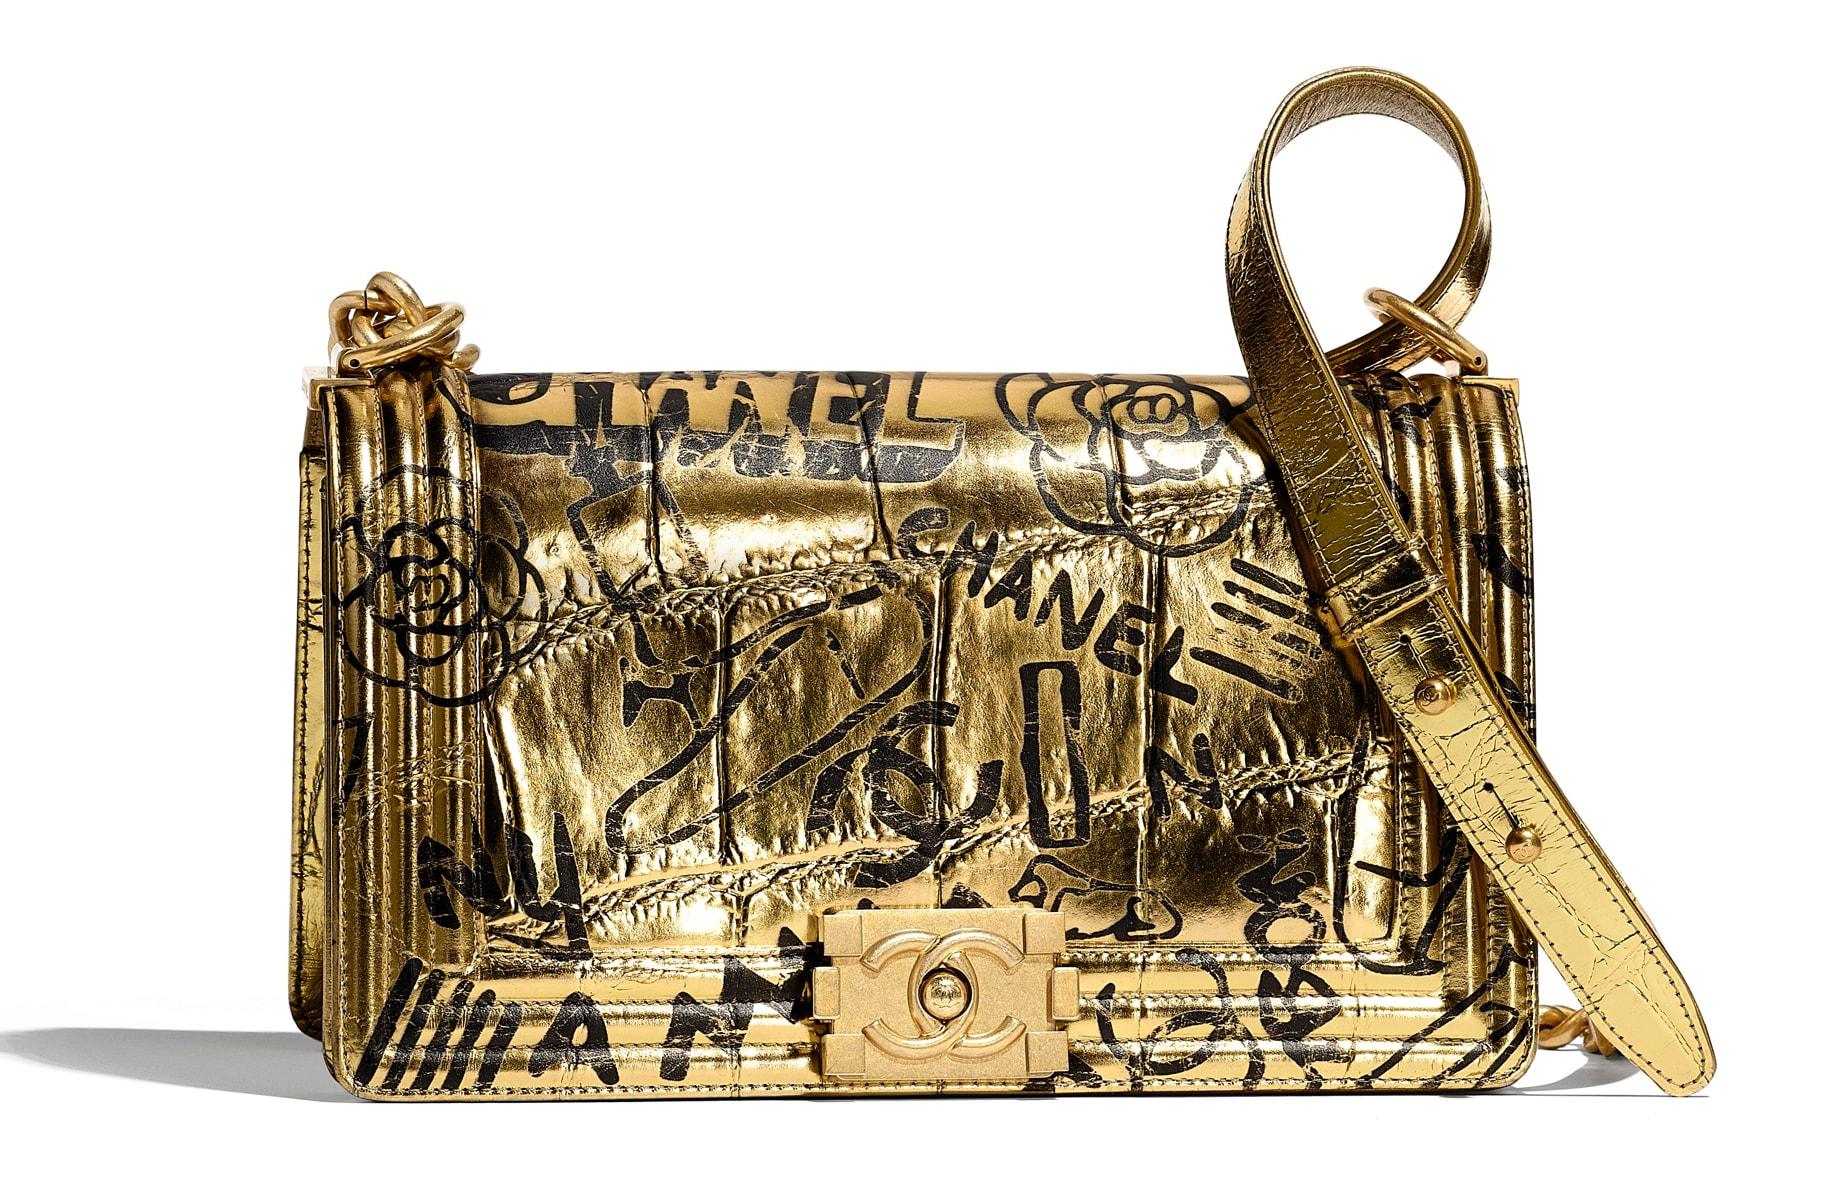 4614c4d0f82 BOY CHANEL - Handbags - CHANEL